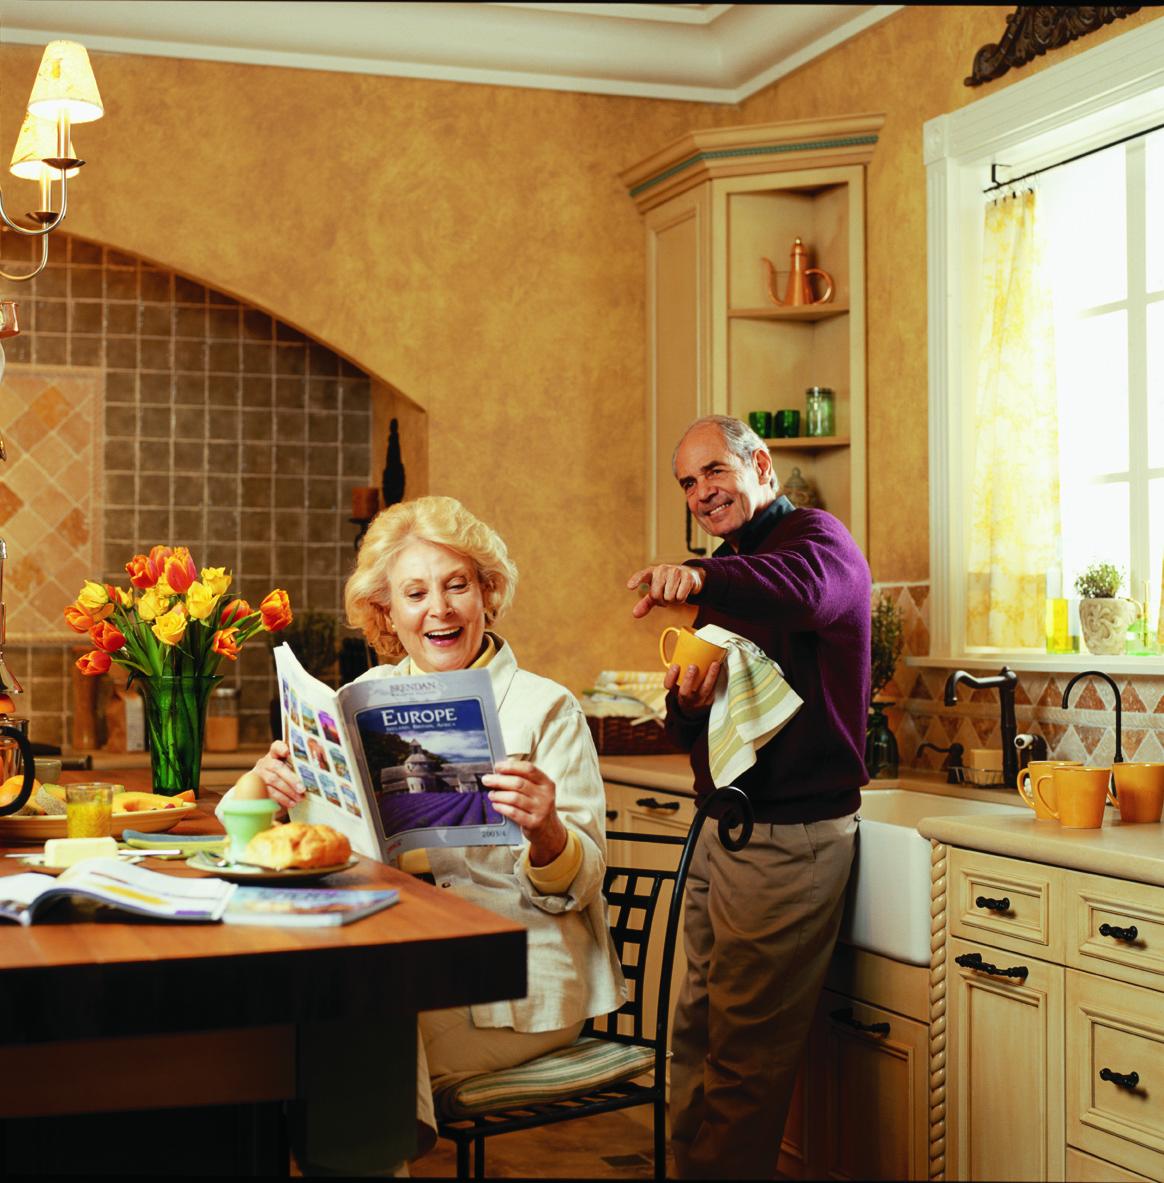 marquis-kitchen-ls-rt-.jpg